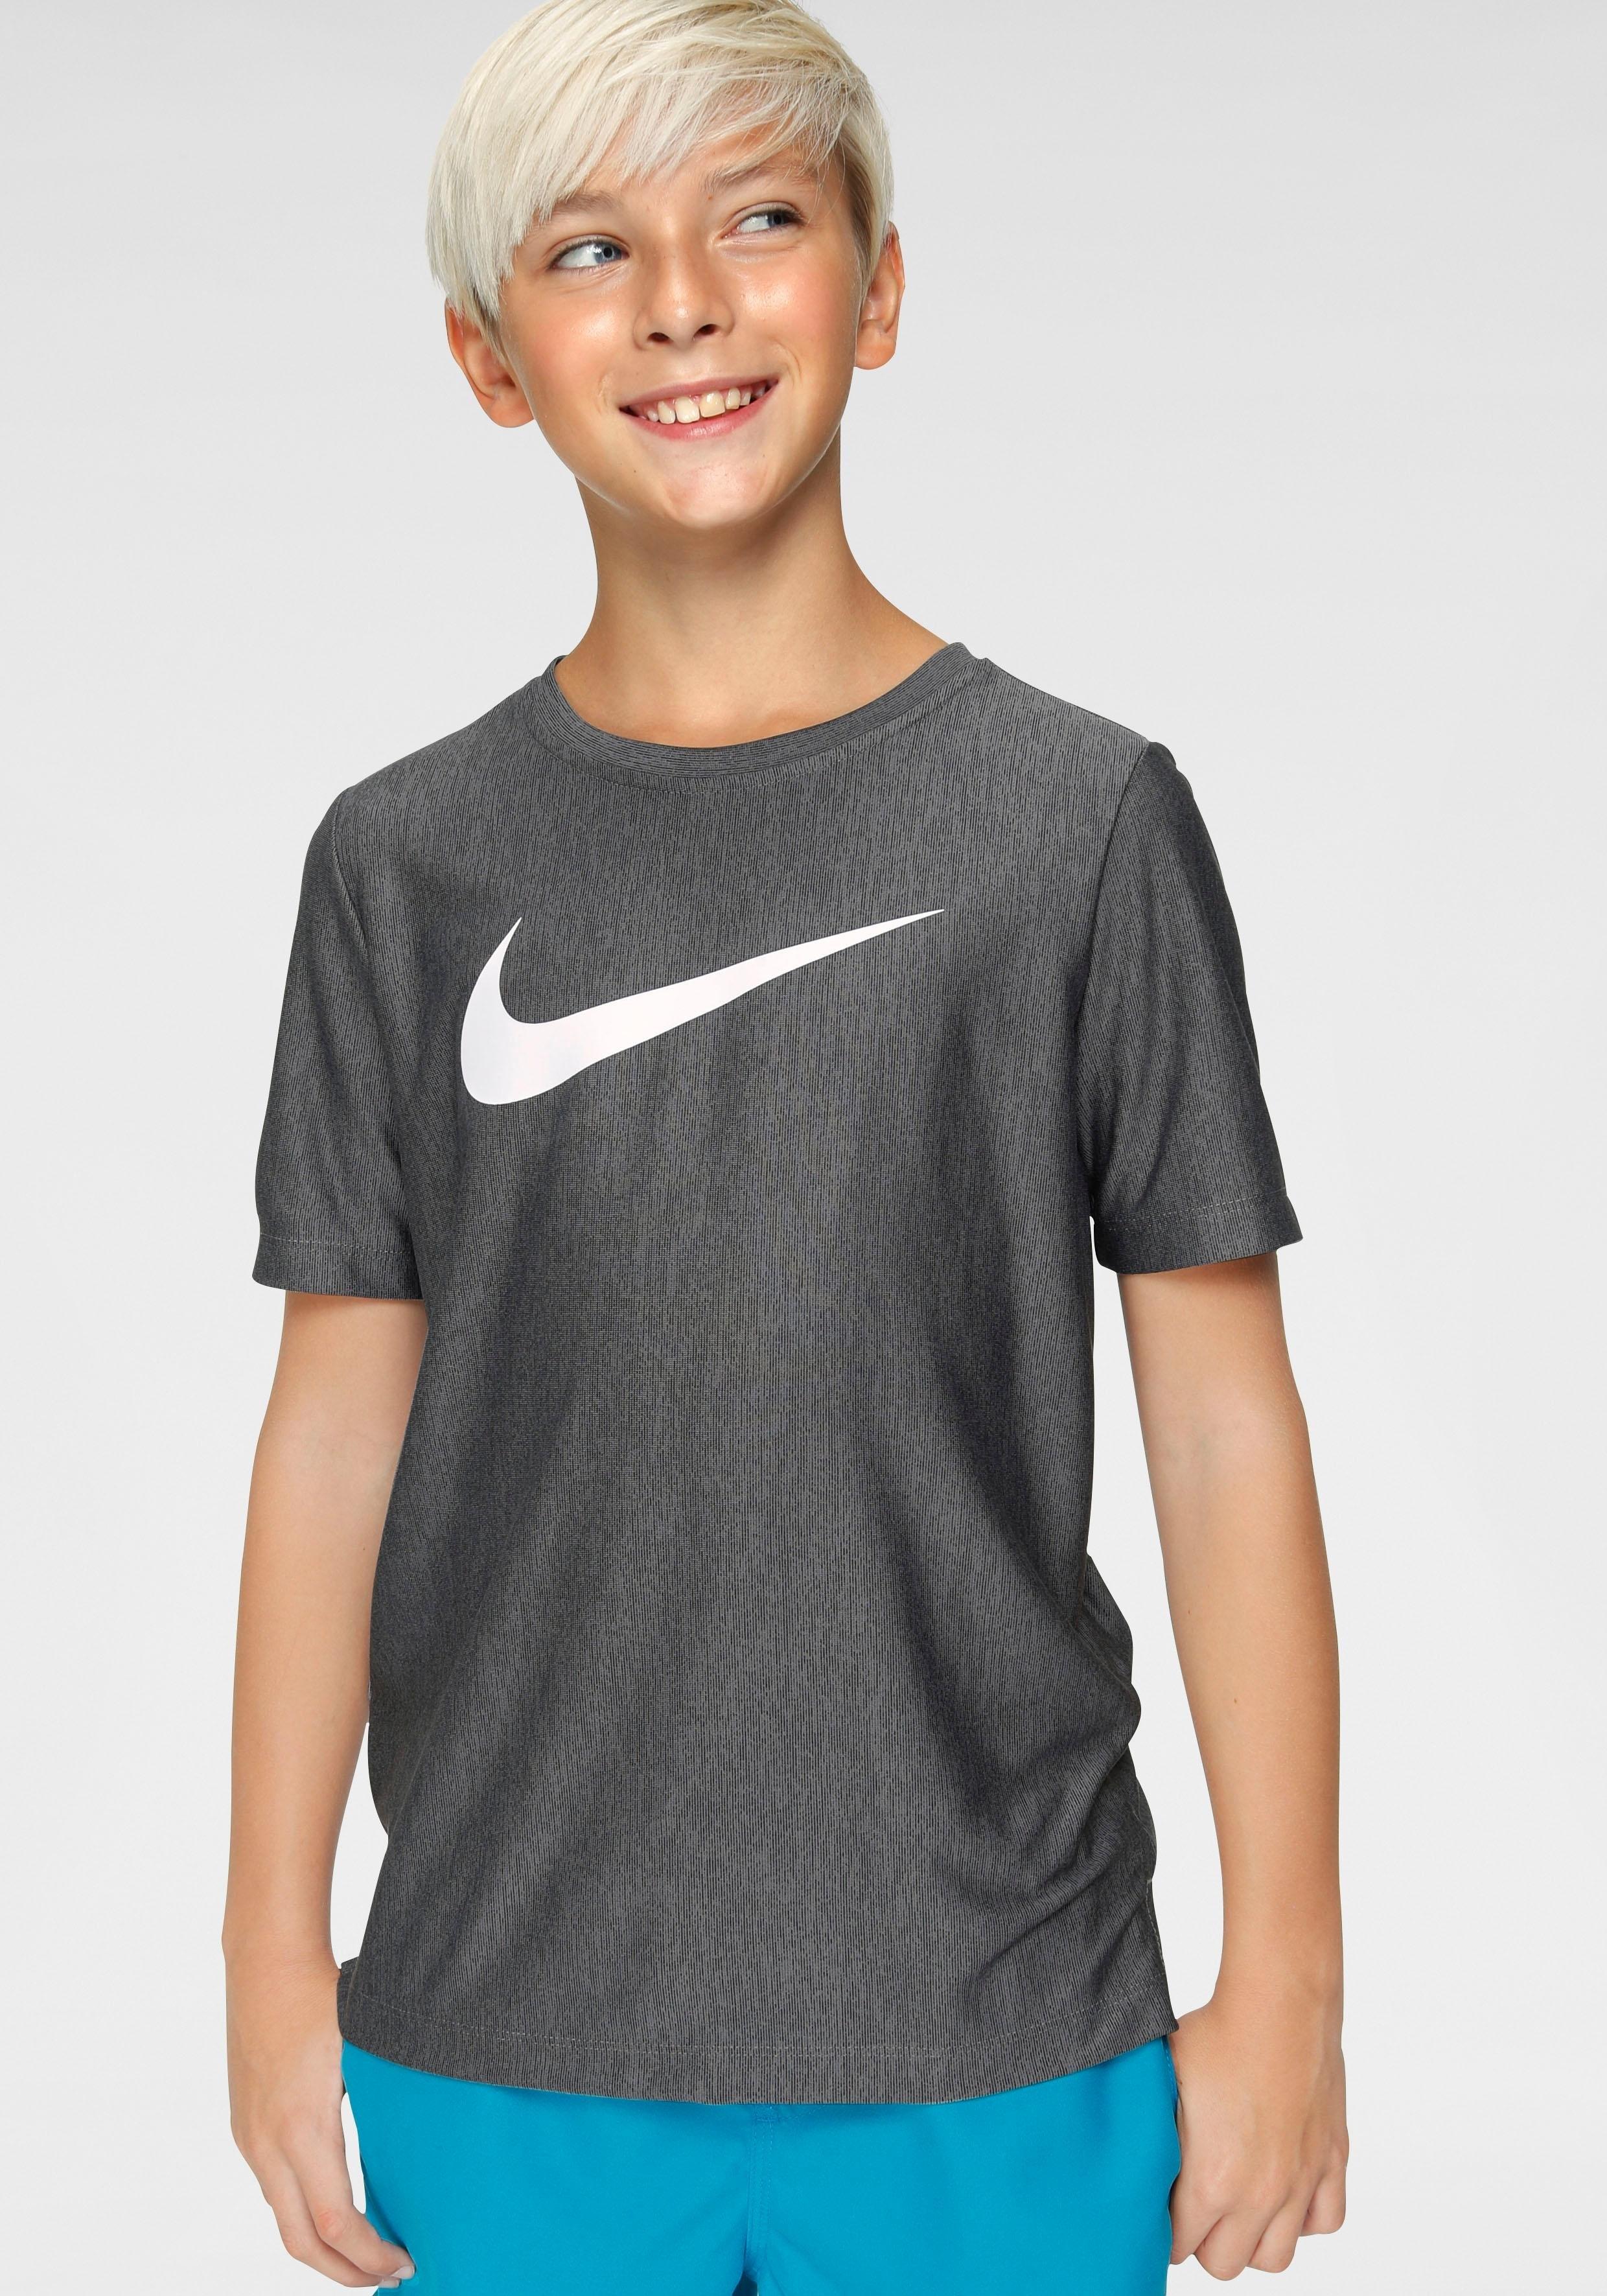 Nike functioneel shirt »BOYS NIKE DRY SHORTSLEEVE TOP« veilig op otto.nl kopen